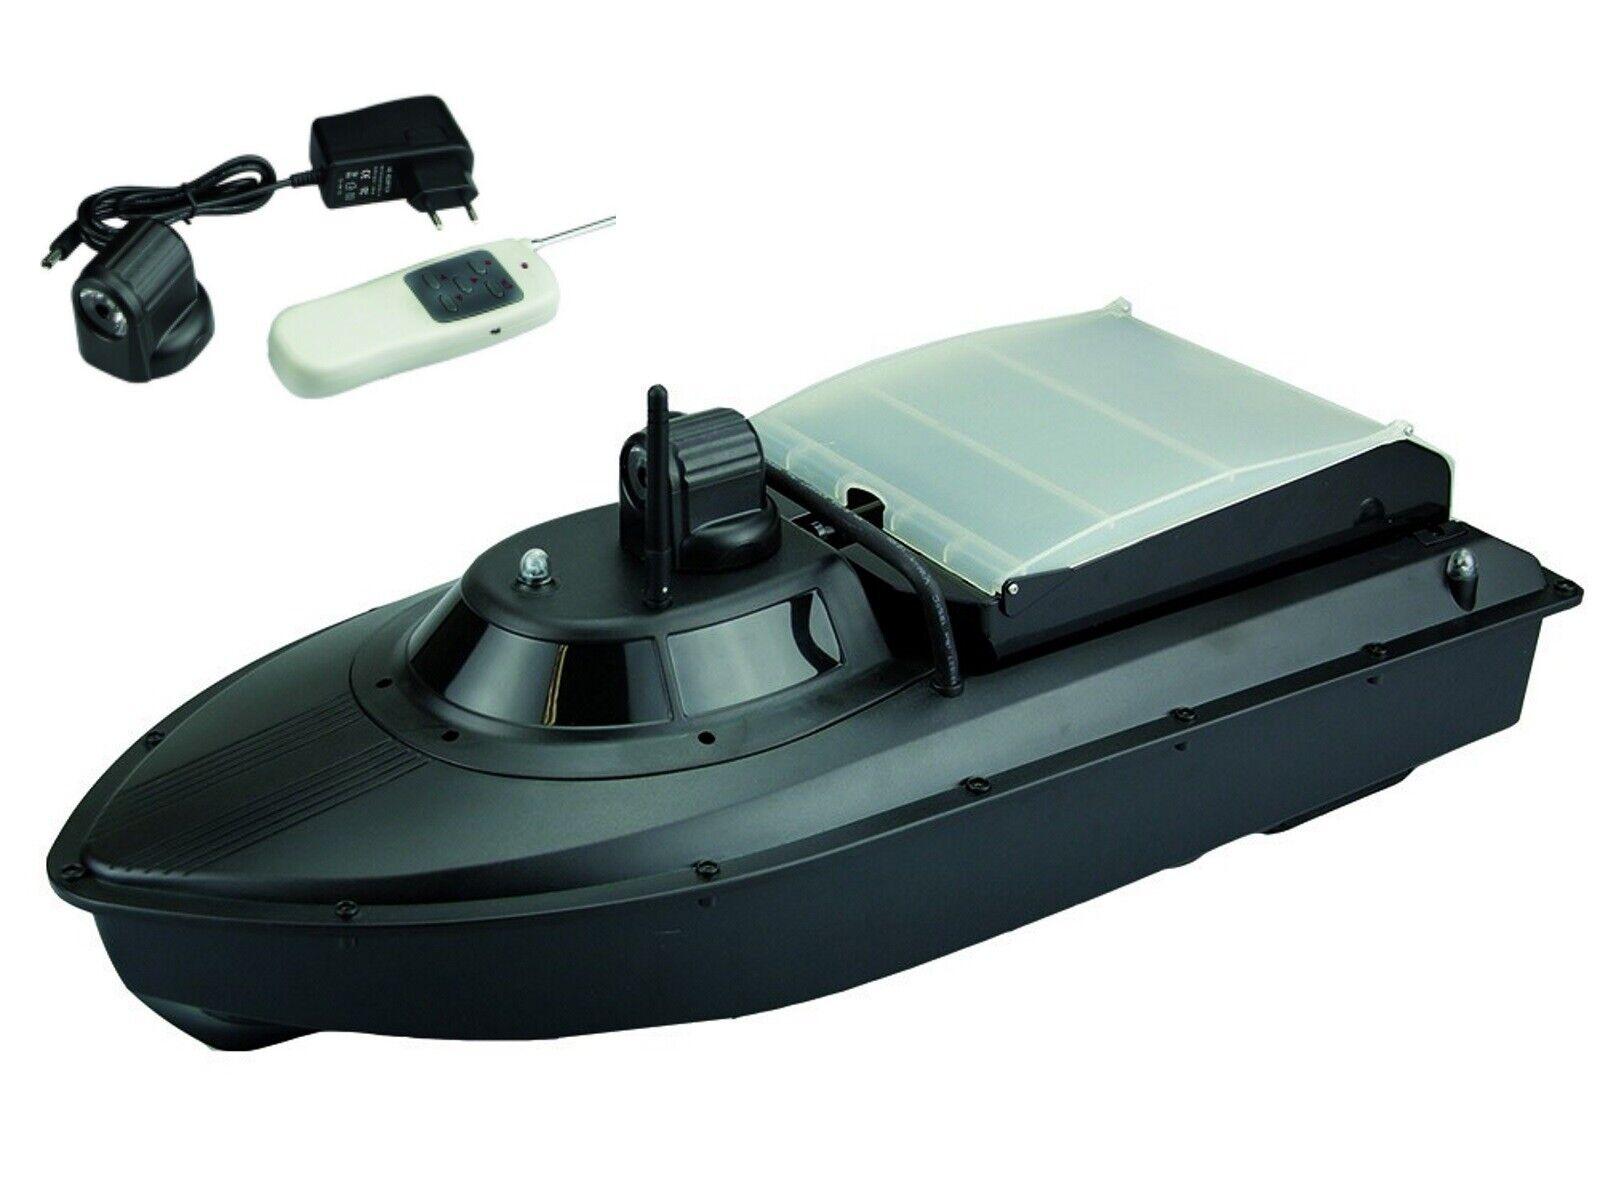 Amewi Futterbota Barcos V3 2,4Ghz   L 61cm   Rtr 2kg Capacidad de Carga 26019